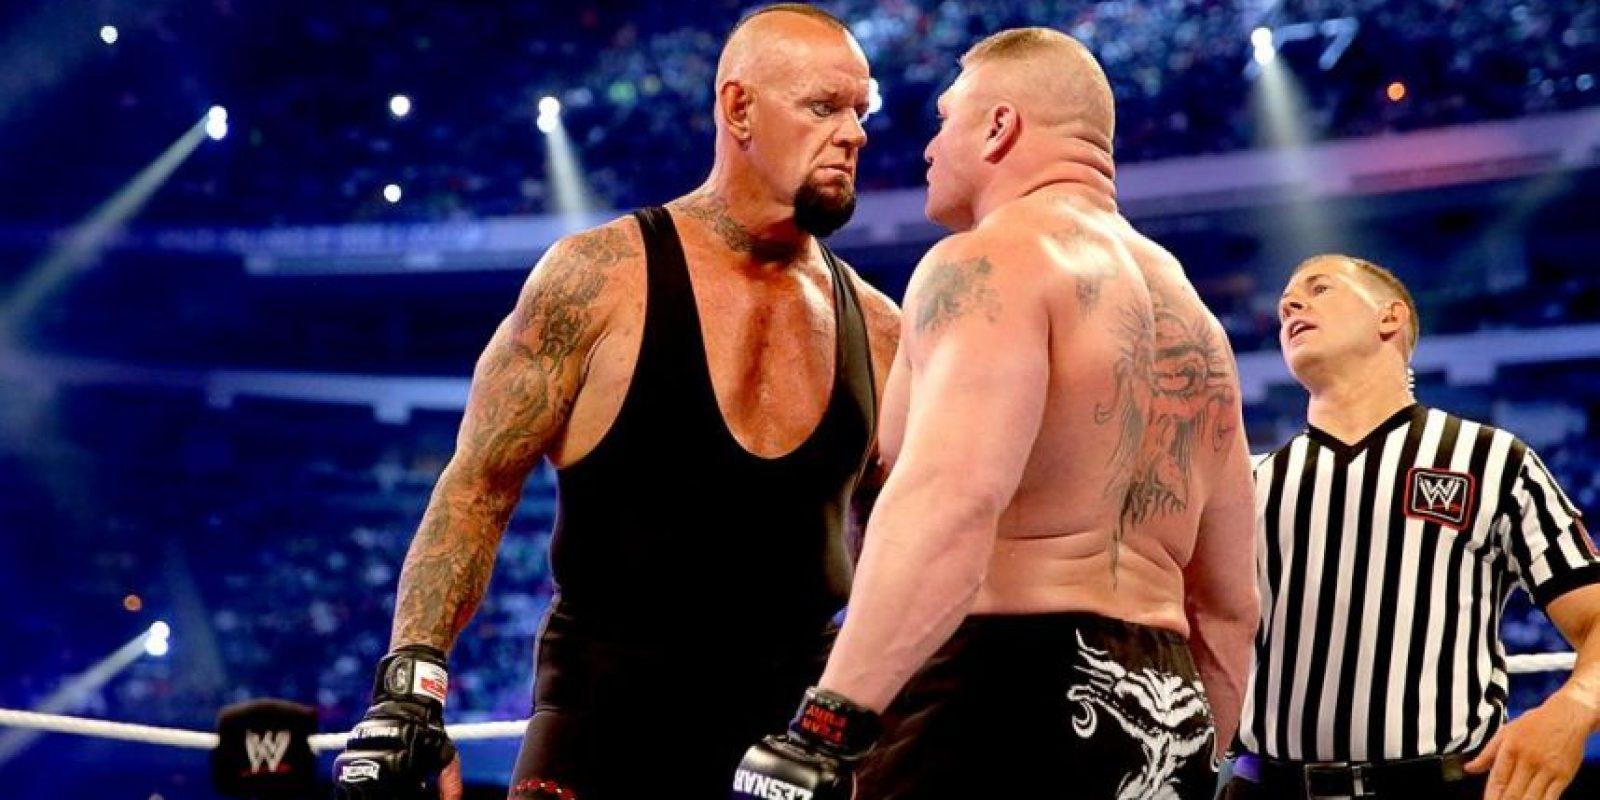 Después de esa pelea, dejó los cuadriláteros hasta el pasado Wrestlemania Foto:WWE